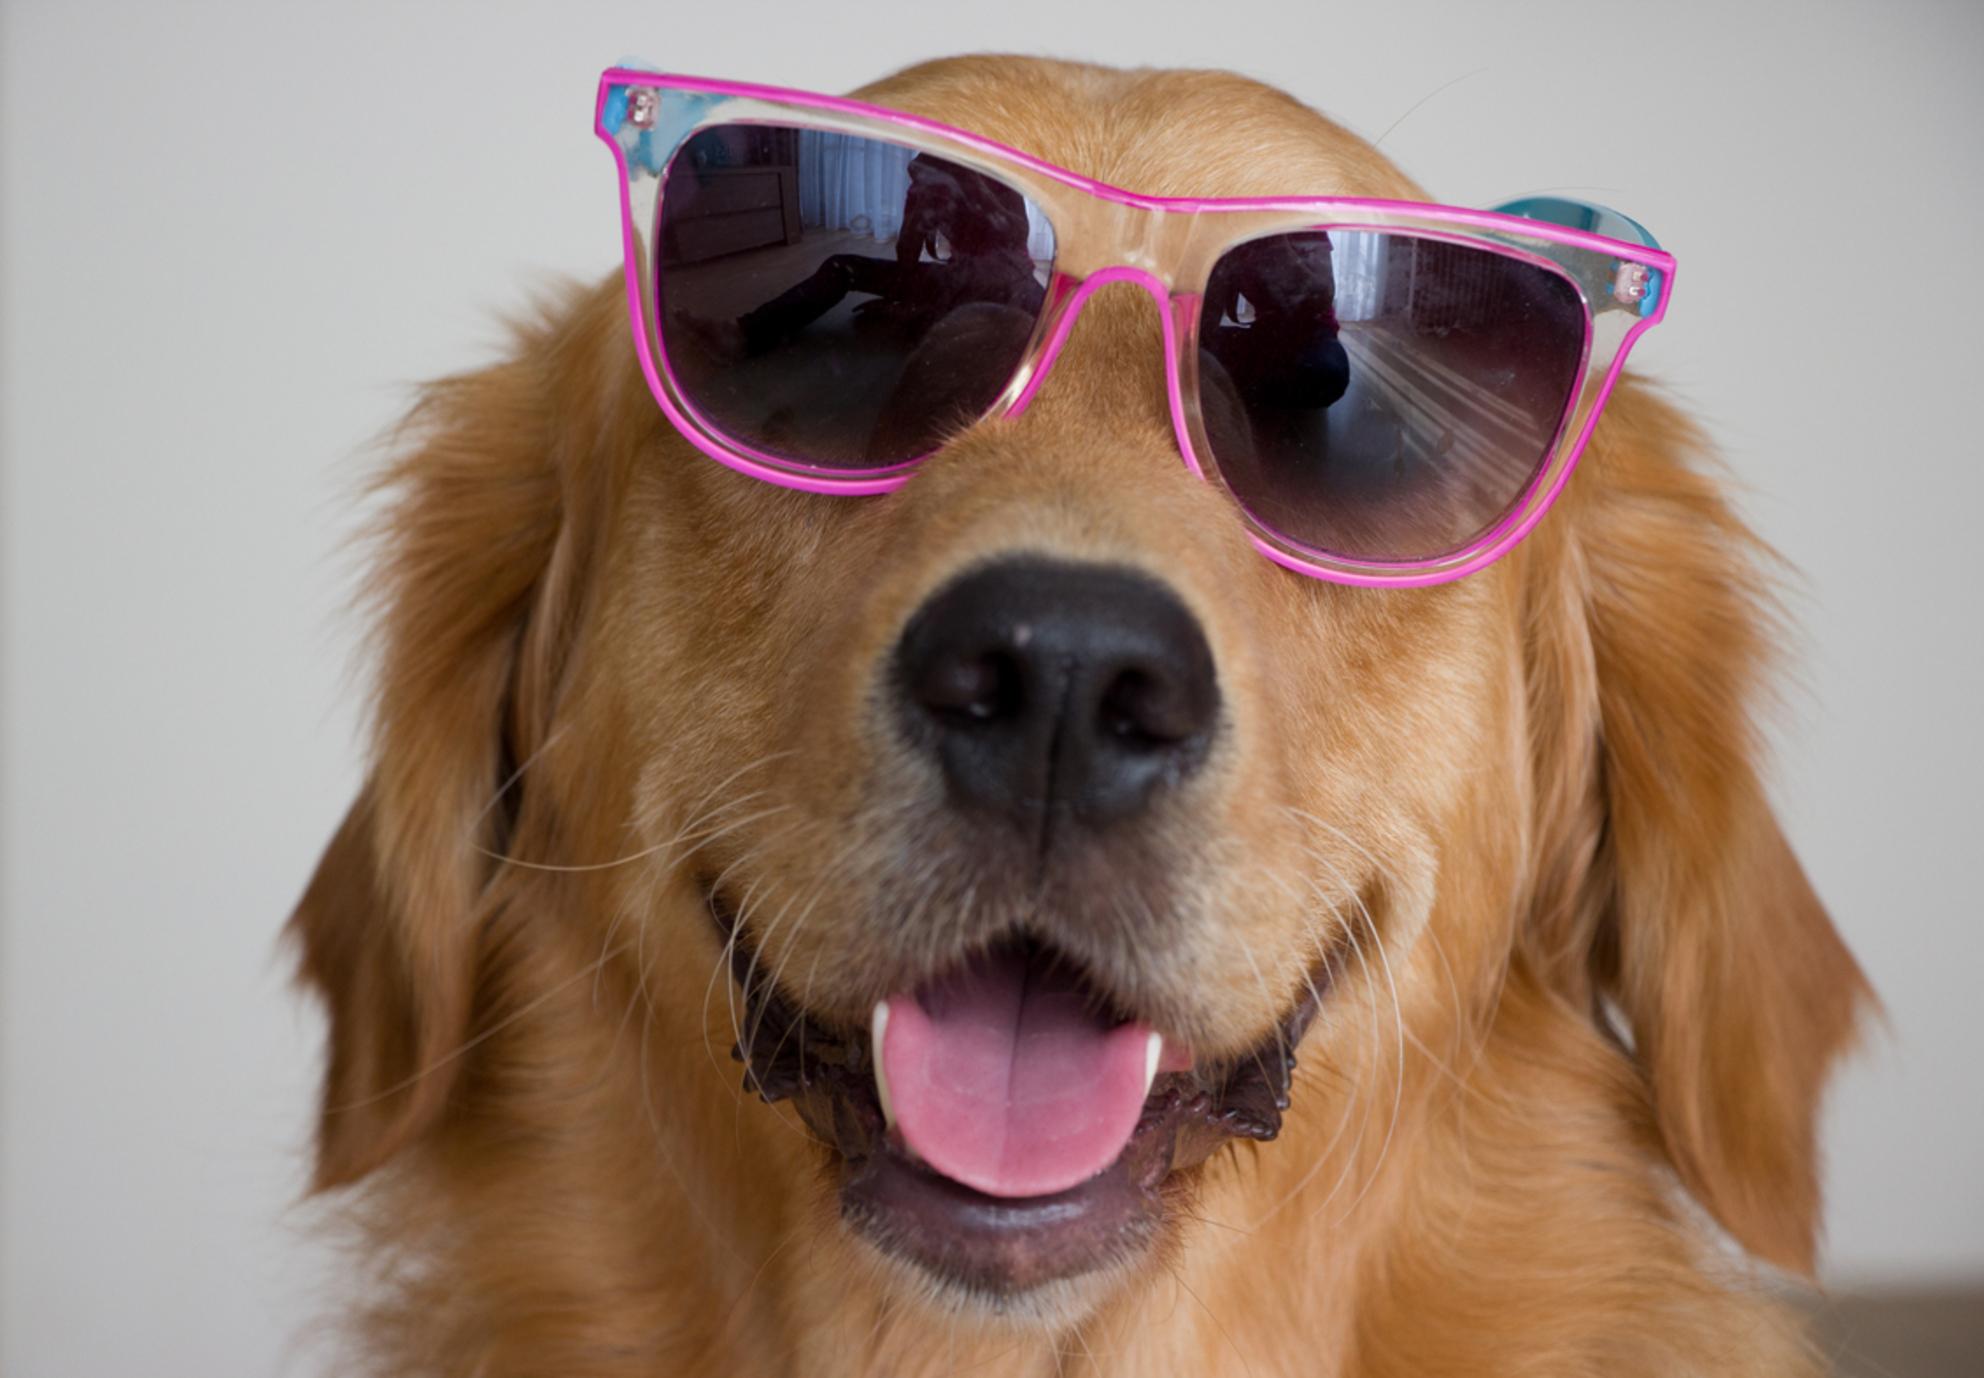 Zomer in je bol - . - foto door timras op 27-09-2013 - deze foto bevat: hond, zomer, zonnebril